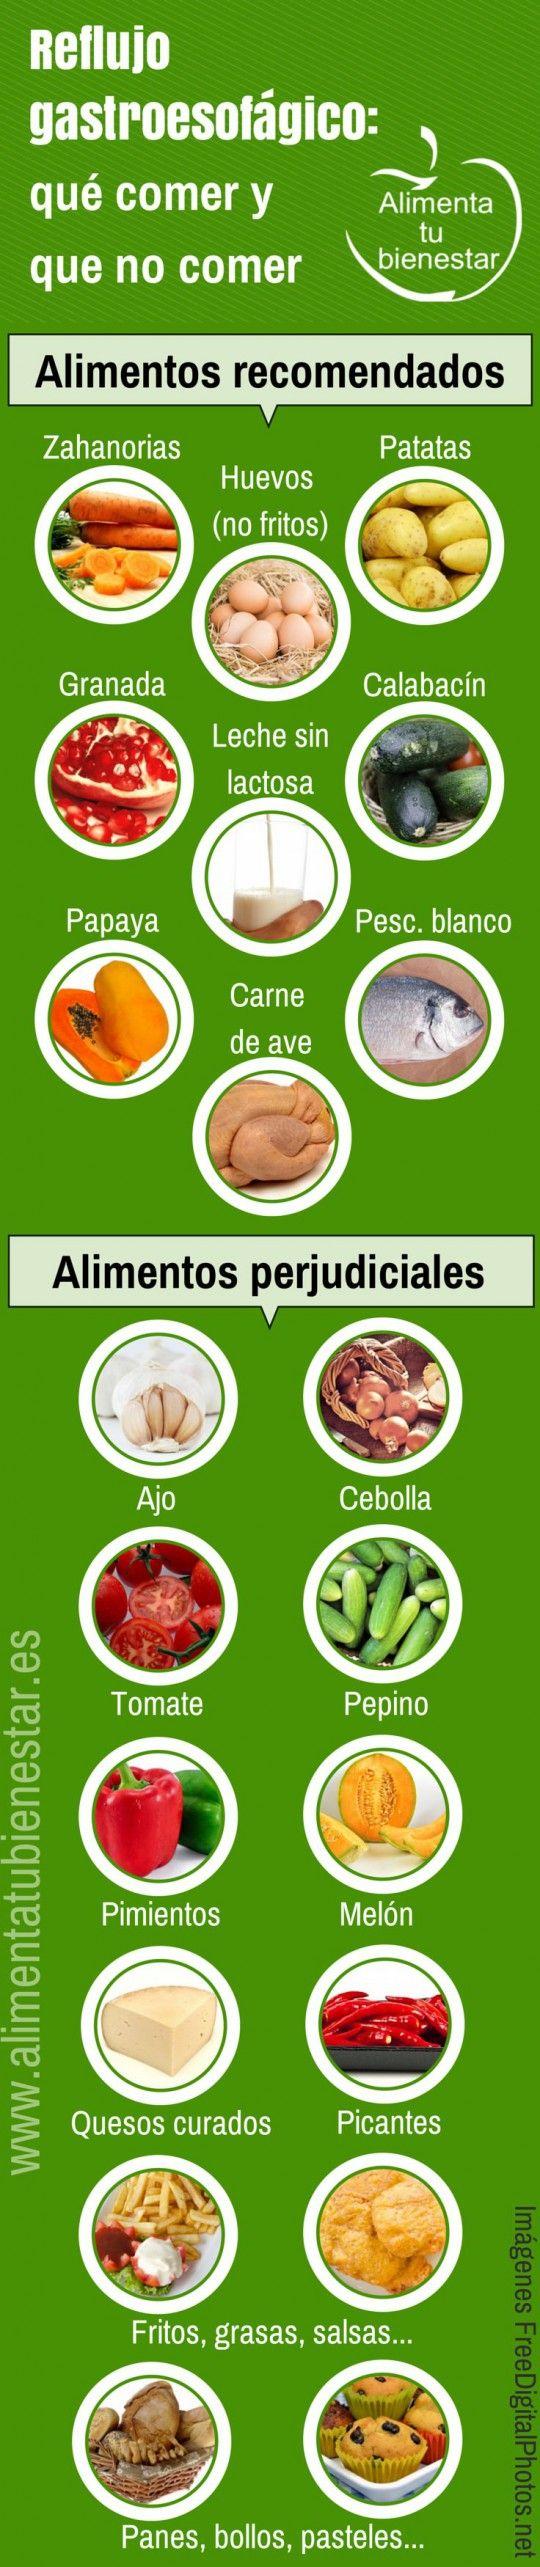 Alimentos para el reflujo gastroesofágico